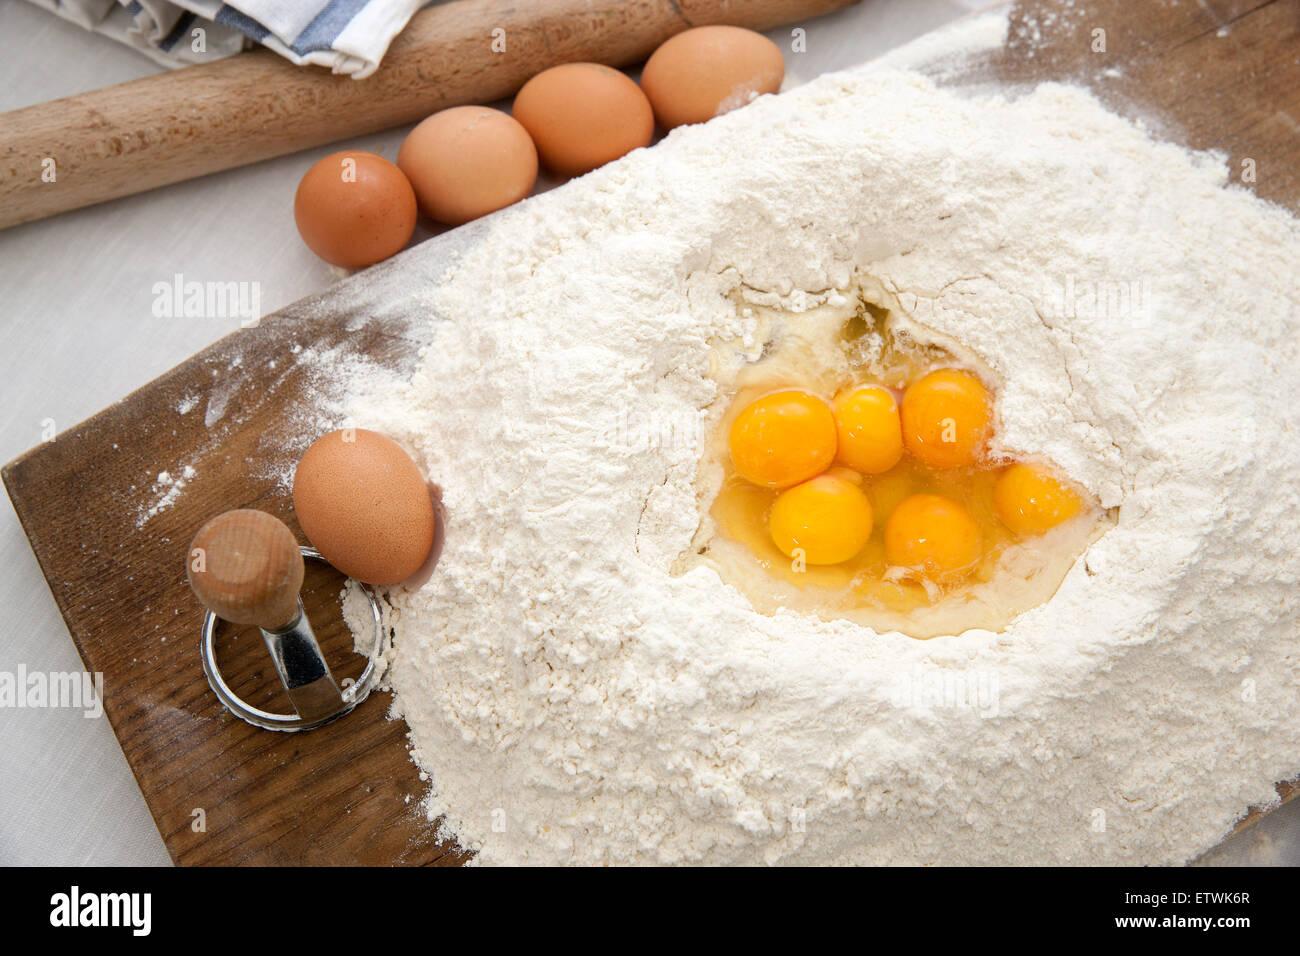 Les pâtes italiennes, de l'alimentation, produits bio, fait main, Photo Stock